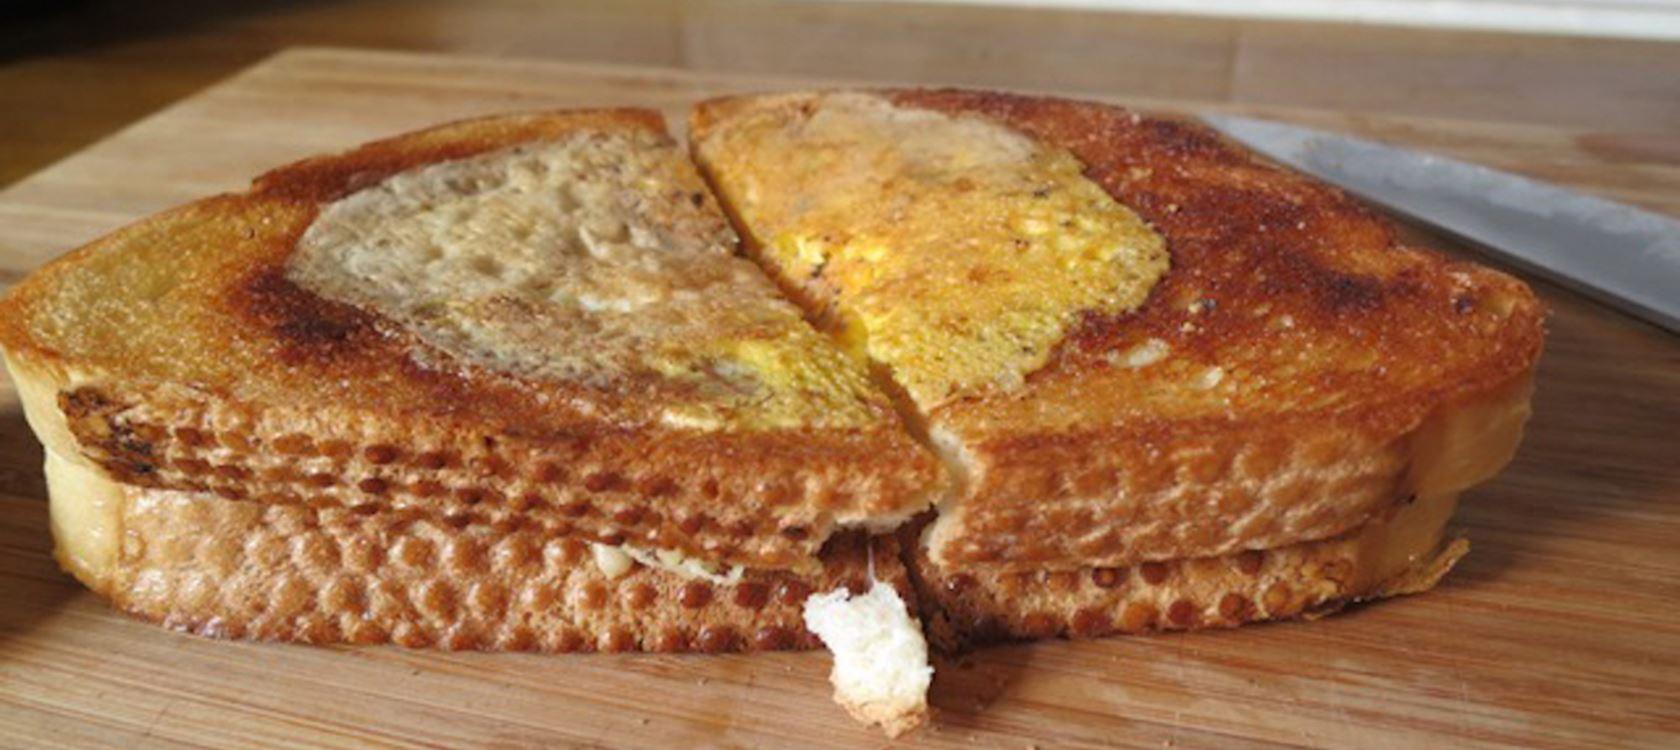 Cheese Toasty